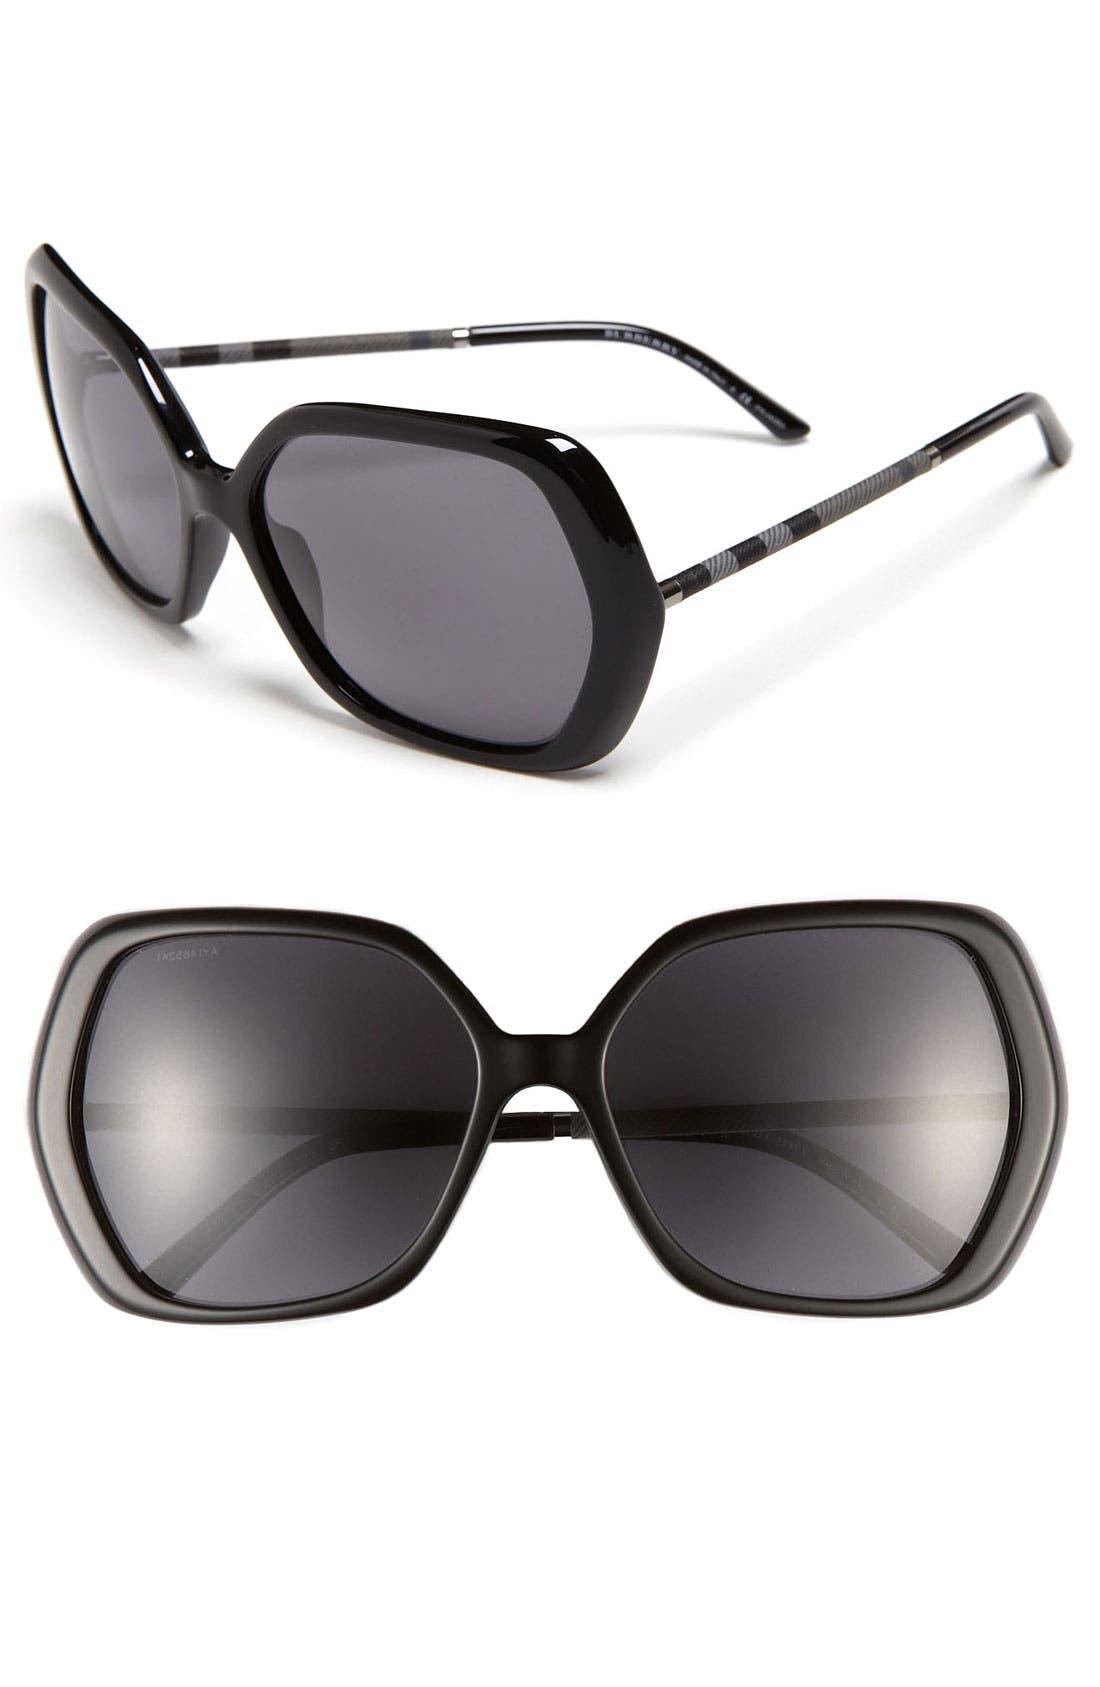 Main Image - Burberry Oversized Polarized Sunglasses